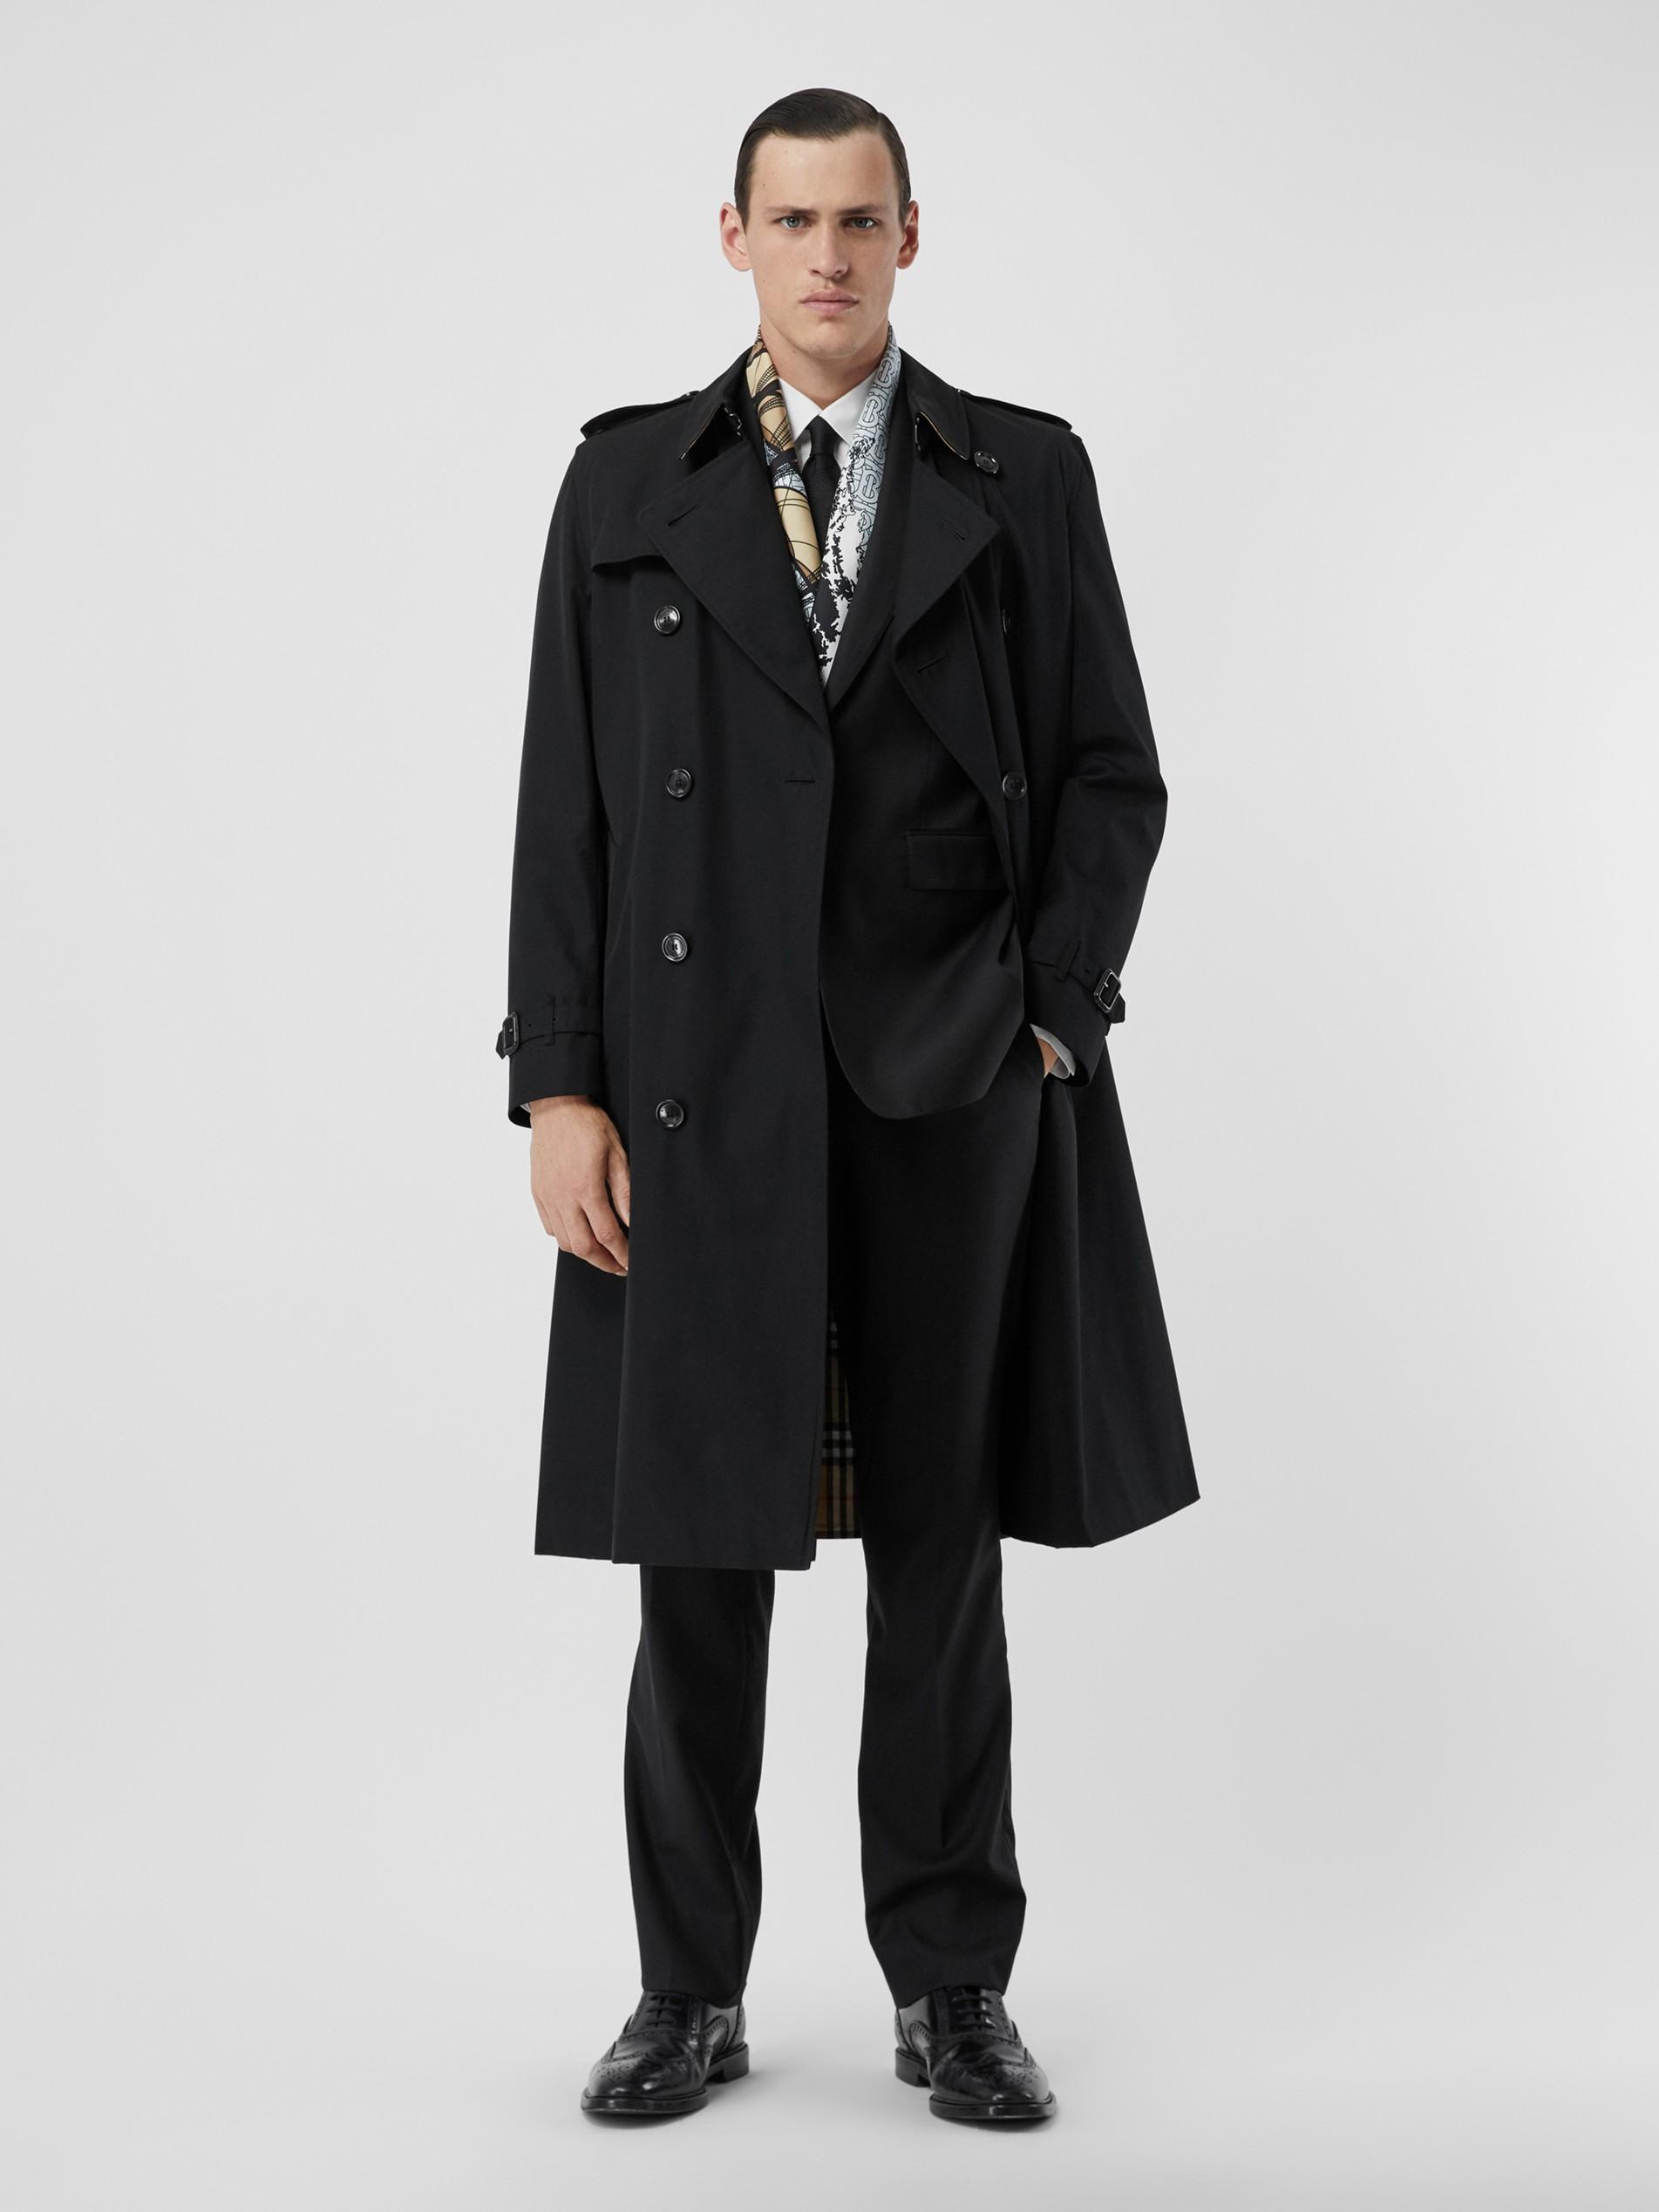 帽衫_肯辛顿版型 – 长款 Heritage Trench 风衣 (黑色) - 男士 | Burberry 博柏利